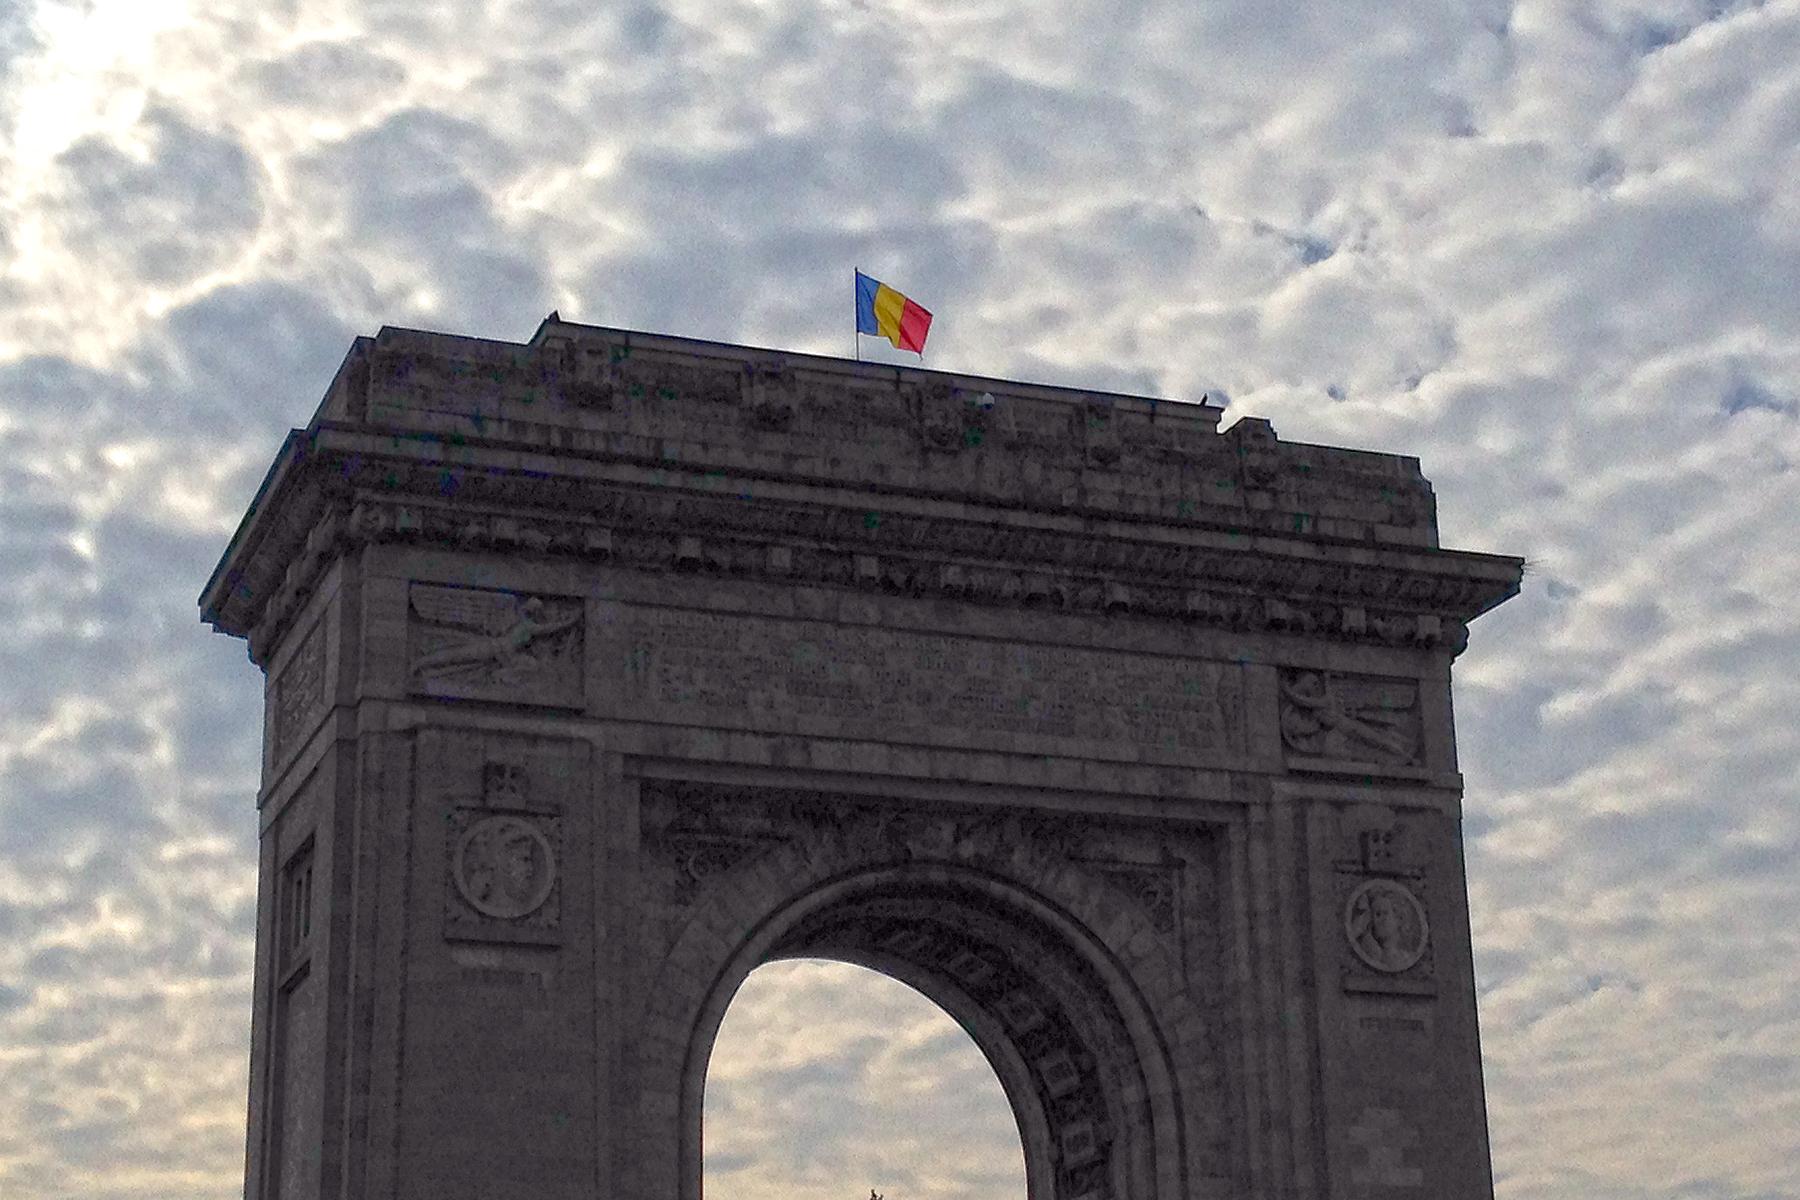 Reisetipps Bukarest: Großmütige Stadt voller Gegensätze und Geheimnisse